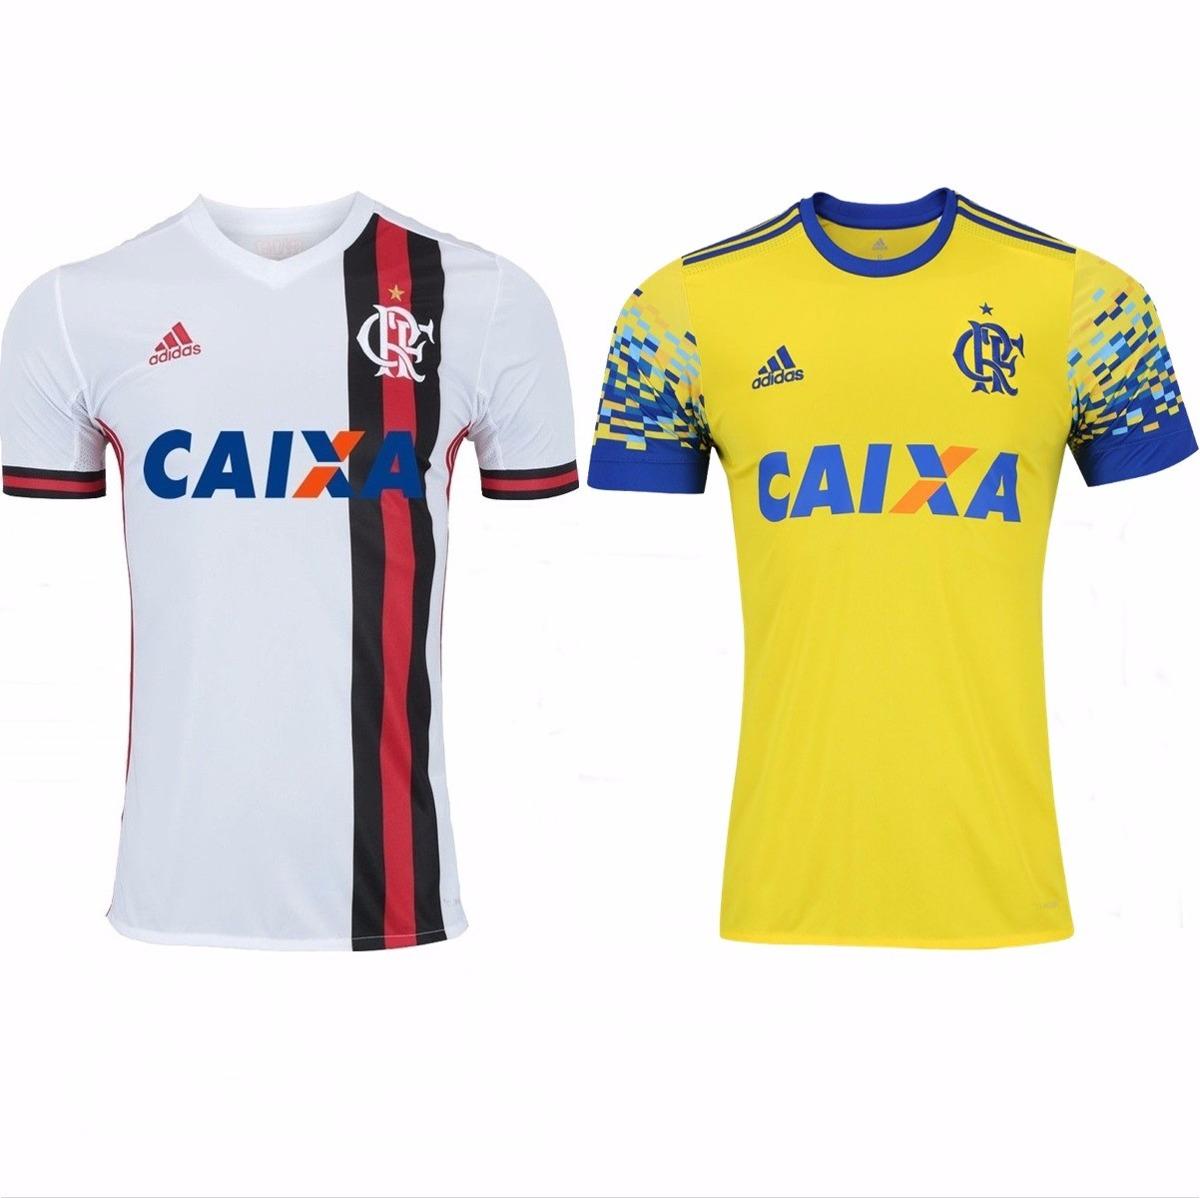 2 camisas do flamengo 2018 uniforme 2 e 1 promoção f grat. Carregando zoom. b5d32fed8c442